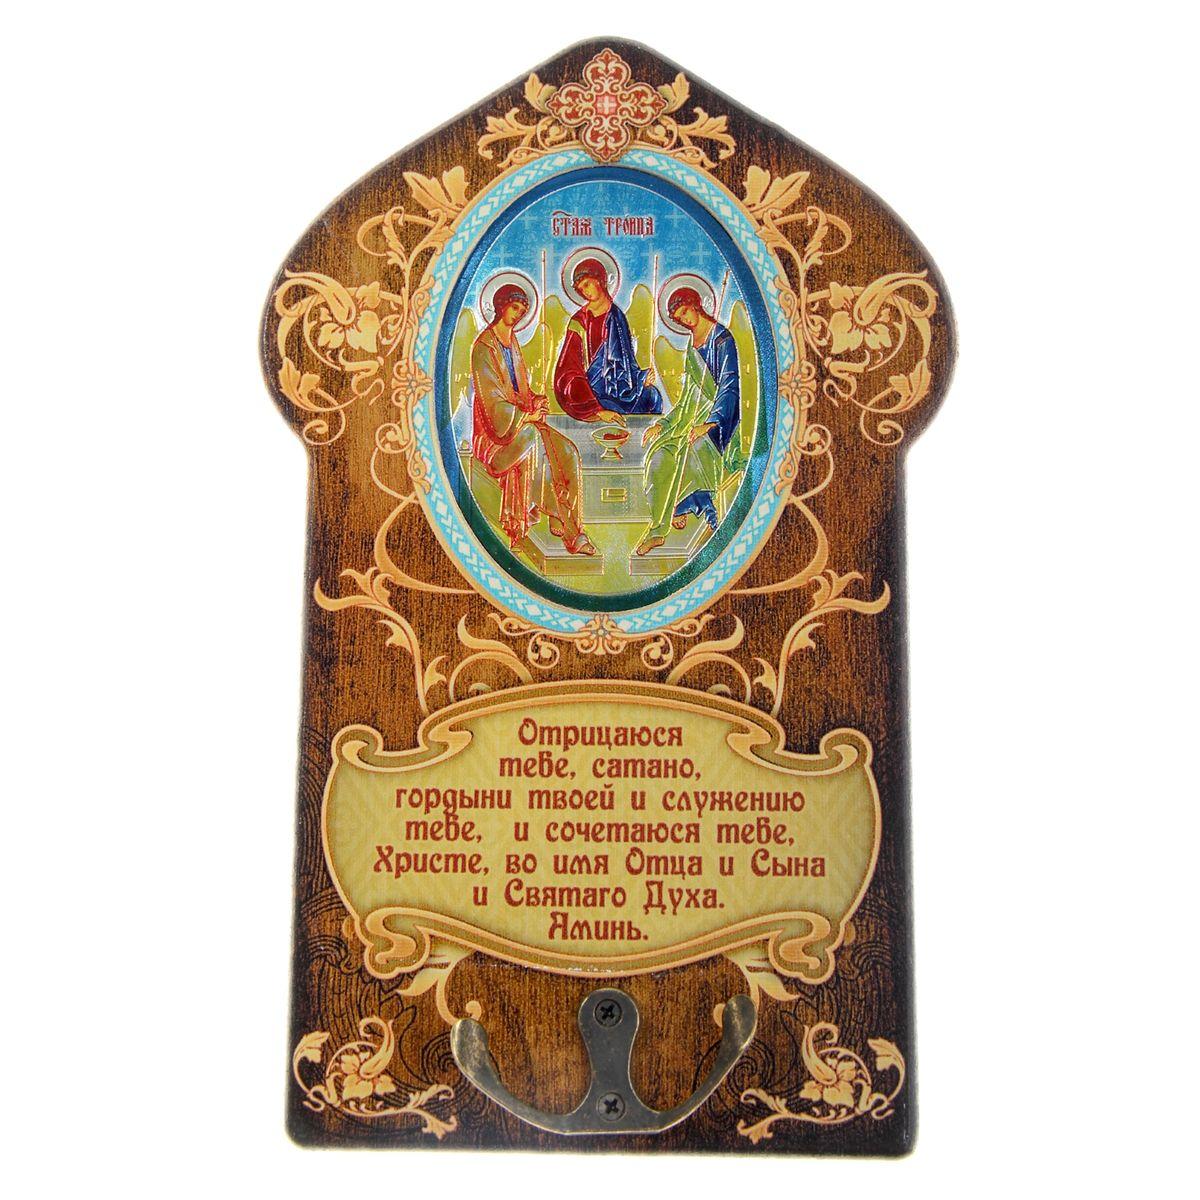 Ключница Sima-land Святая Троица, 14 х 22 см187454Ключница Sima-land Святая Троица с металлическими крючками, выполнена из качественного дерева. Изделие оформлено фольгированной иконой и молитвой. Икона полностью соответствует канонам Русской Православной Церкви. На обратной стороне ключницы имеется металлический подвес, за который ее удобно вешать на стену. Такая ключница будет достойным подарком с глубоким смыслом. Размер ключницы: 14 см х 22 см х 1 см.